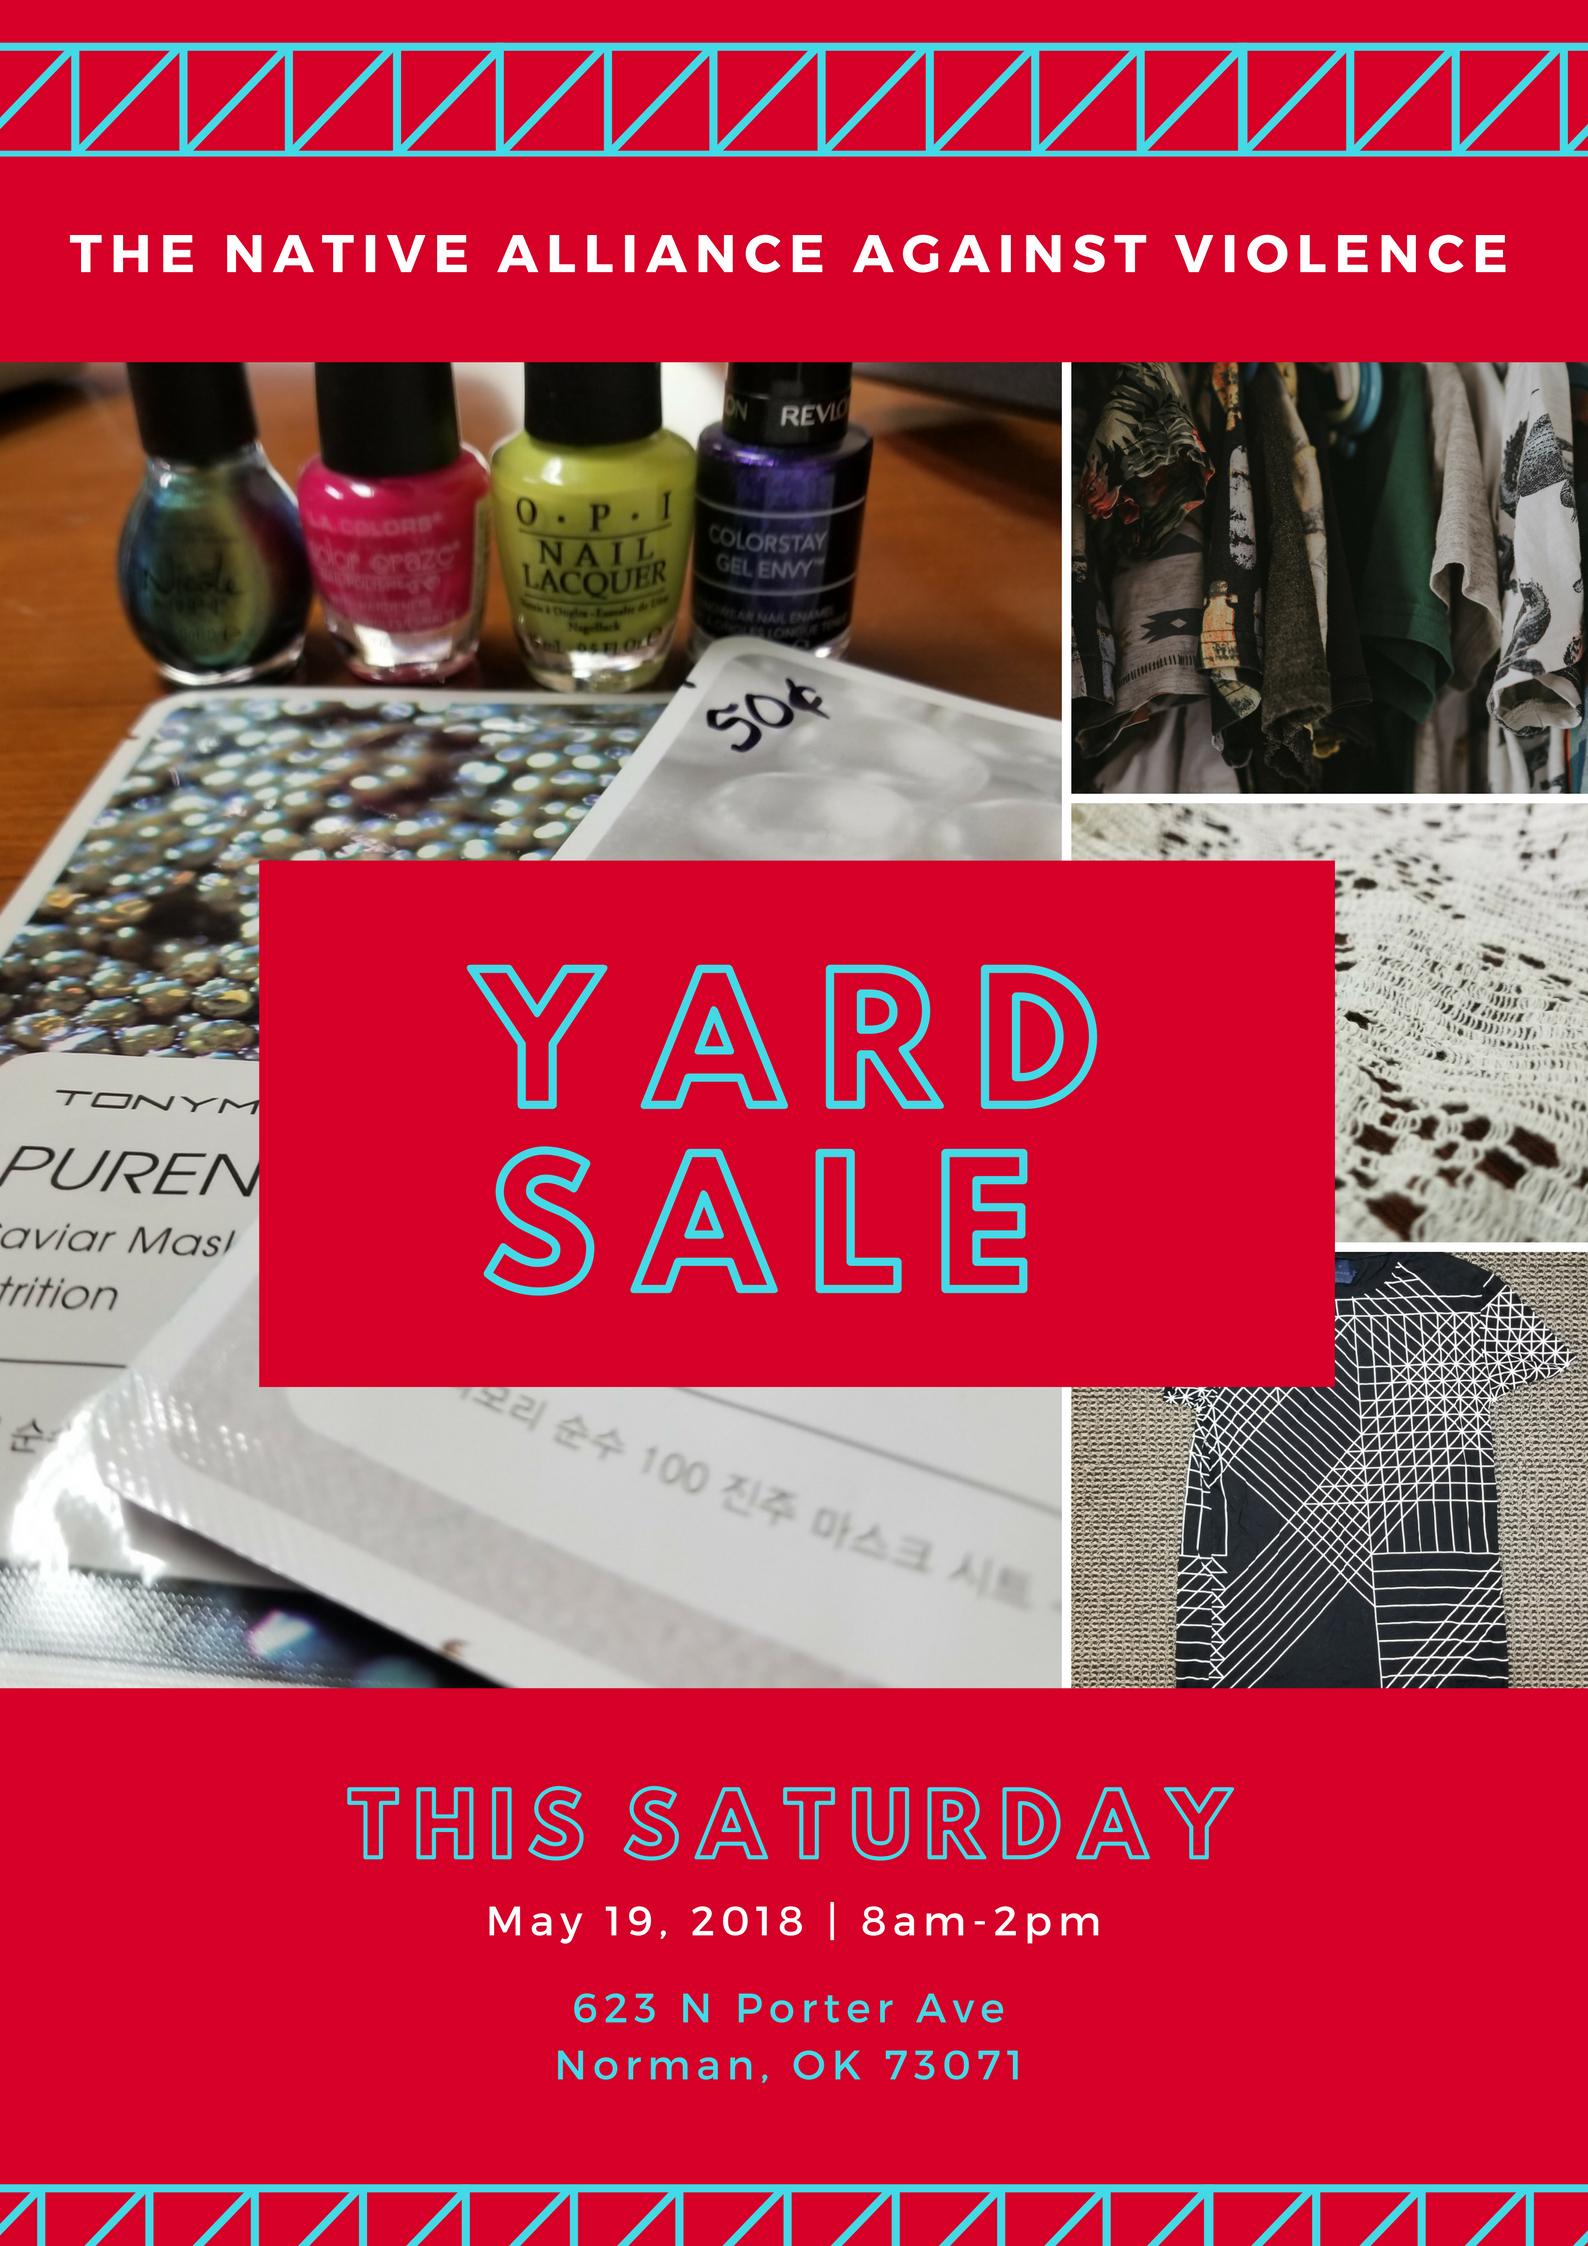 NAAV Yard Sale (1).jpg